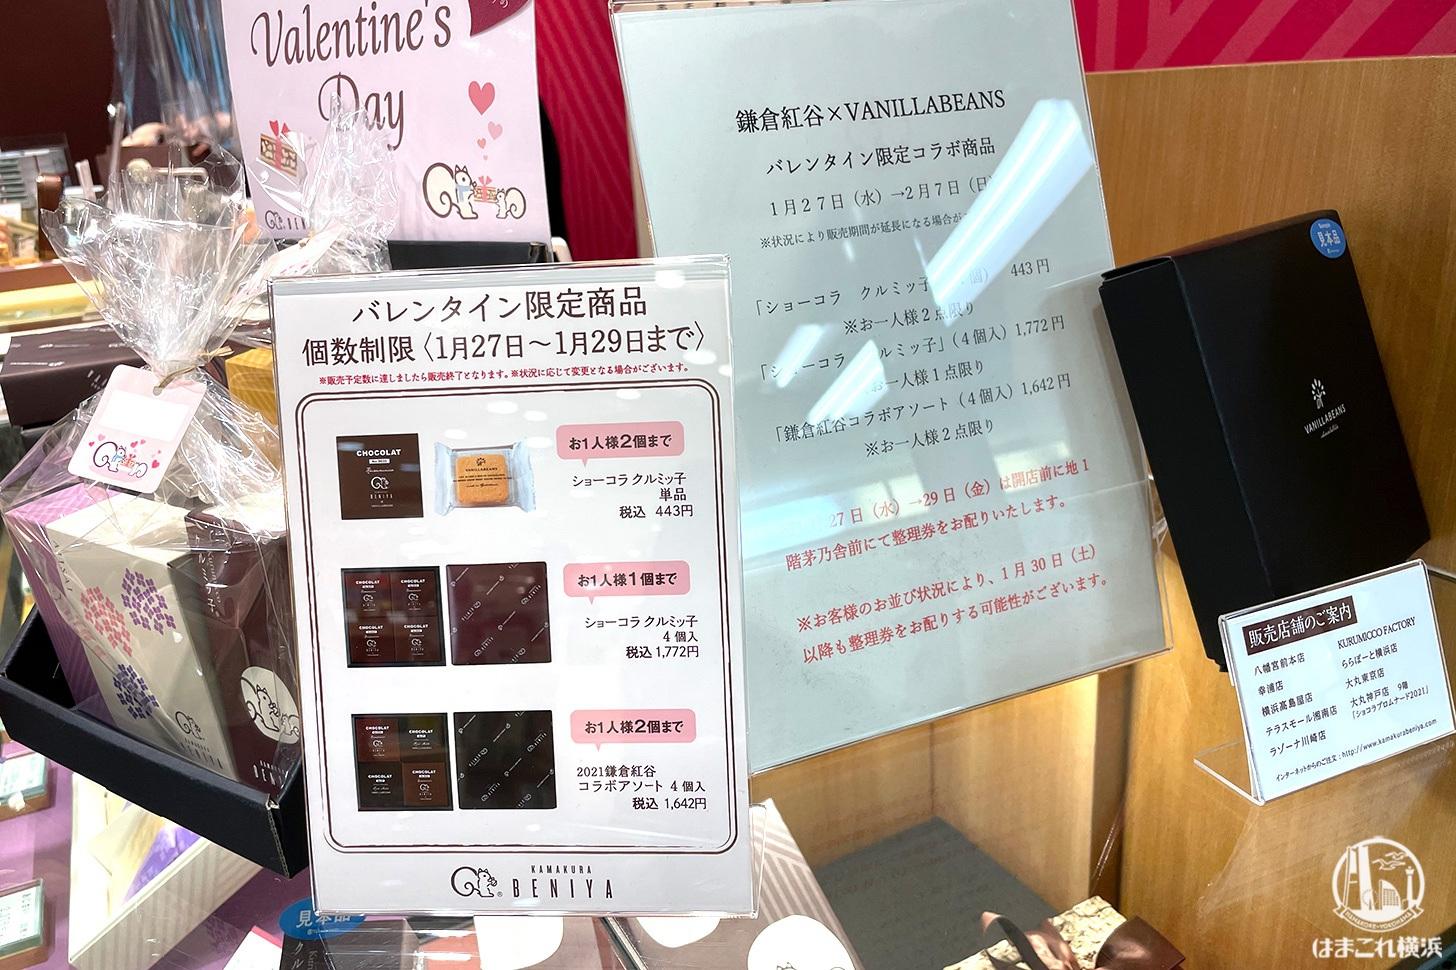 横浜高島屋 鎌倉紅谷 バレンタイン限定商品 概要